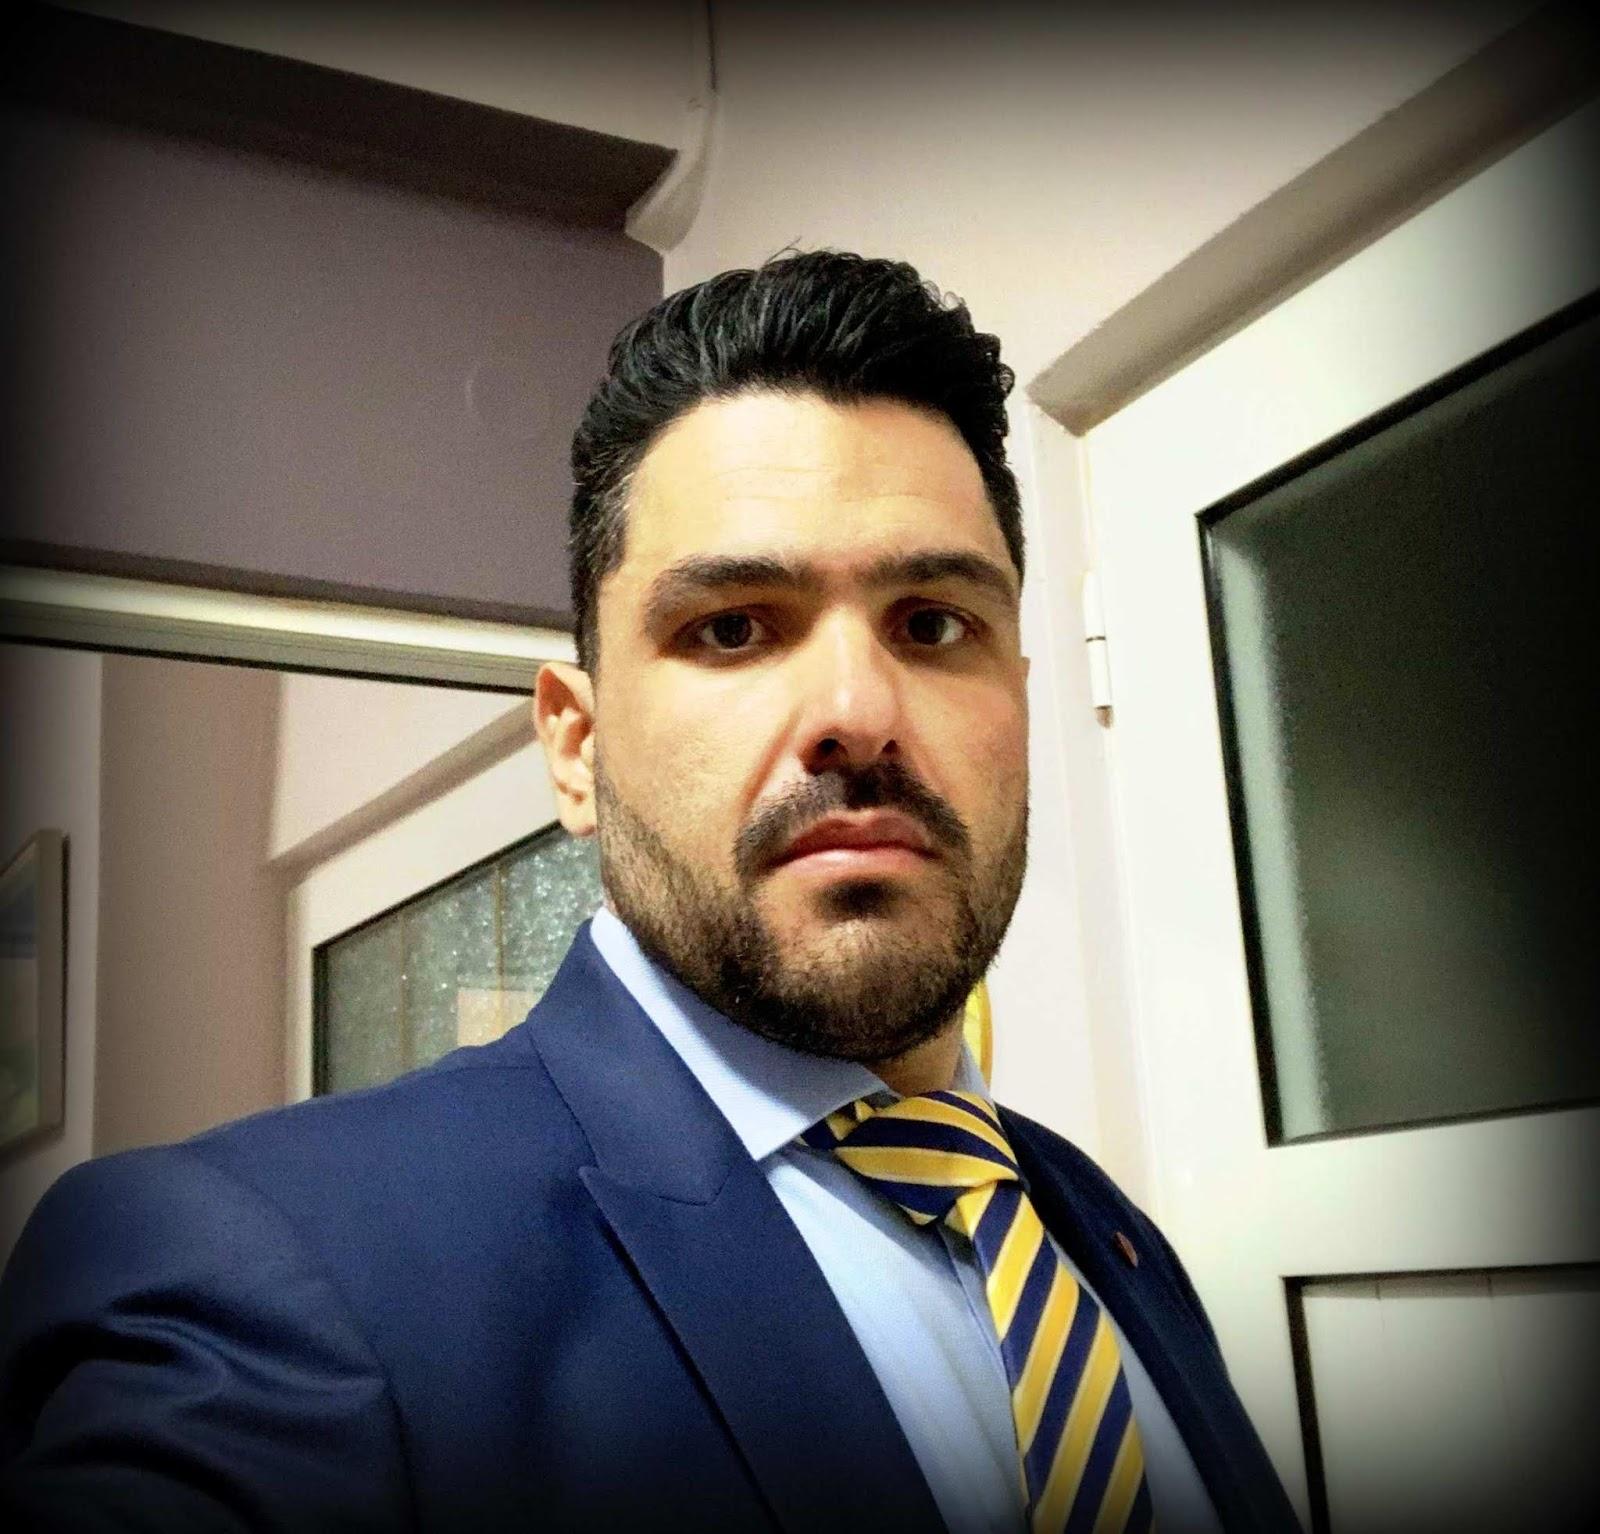 587894b272a2 Με τον Απόστολο Γκλέτσο υποψήφιος στις Περιφερειακές Εκλογές ο Αλέκος  Παπαδάκης